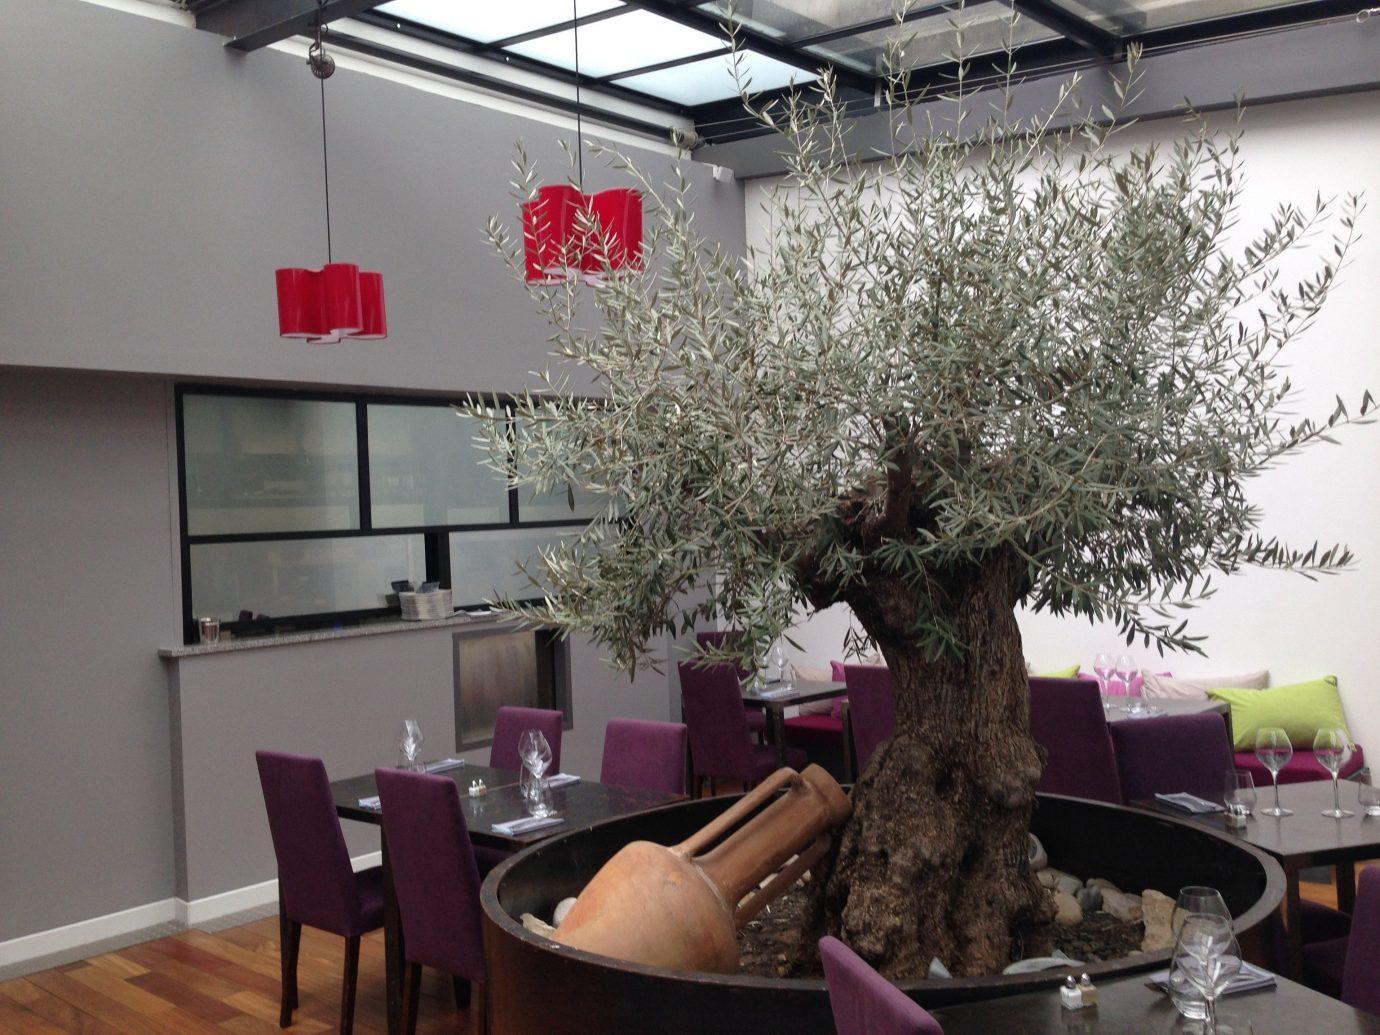 Road Trips Trip Ideas indoor interior design ceiling houseplant plant window interior designer dining table